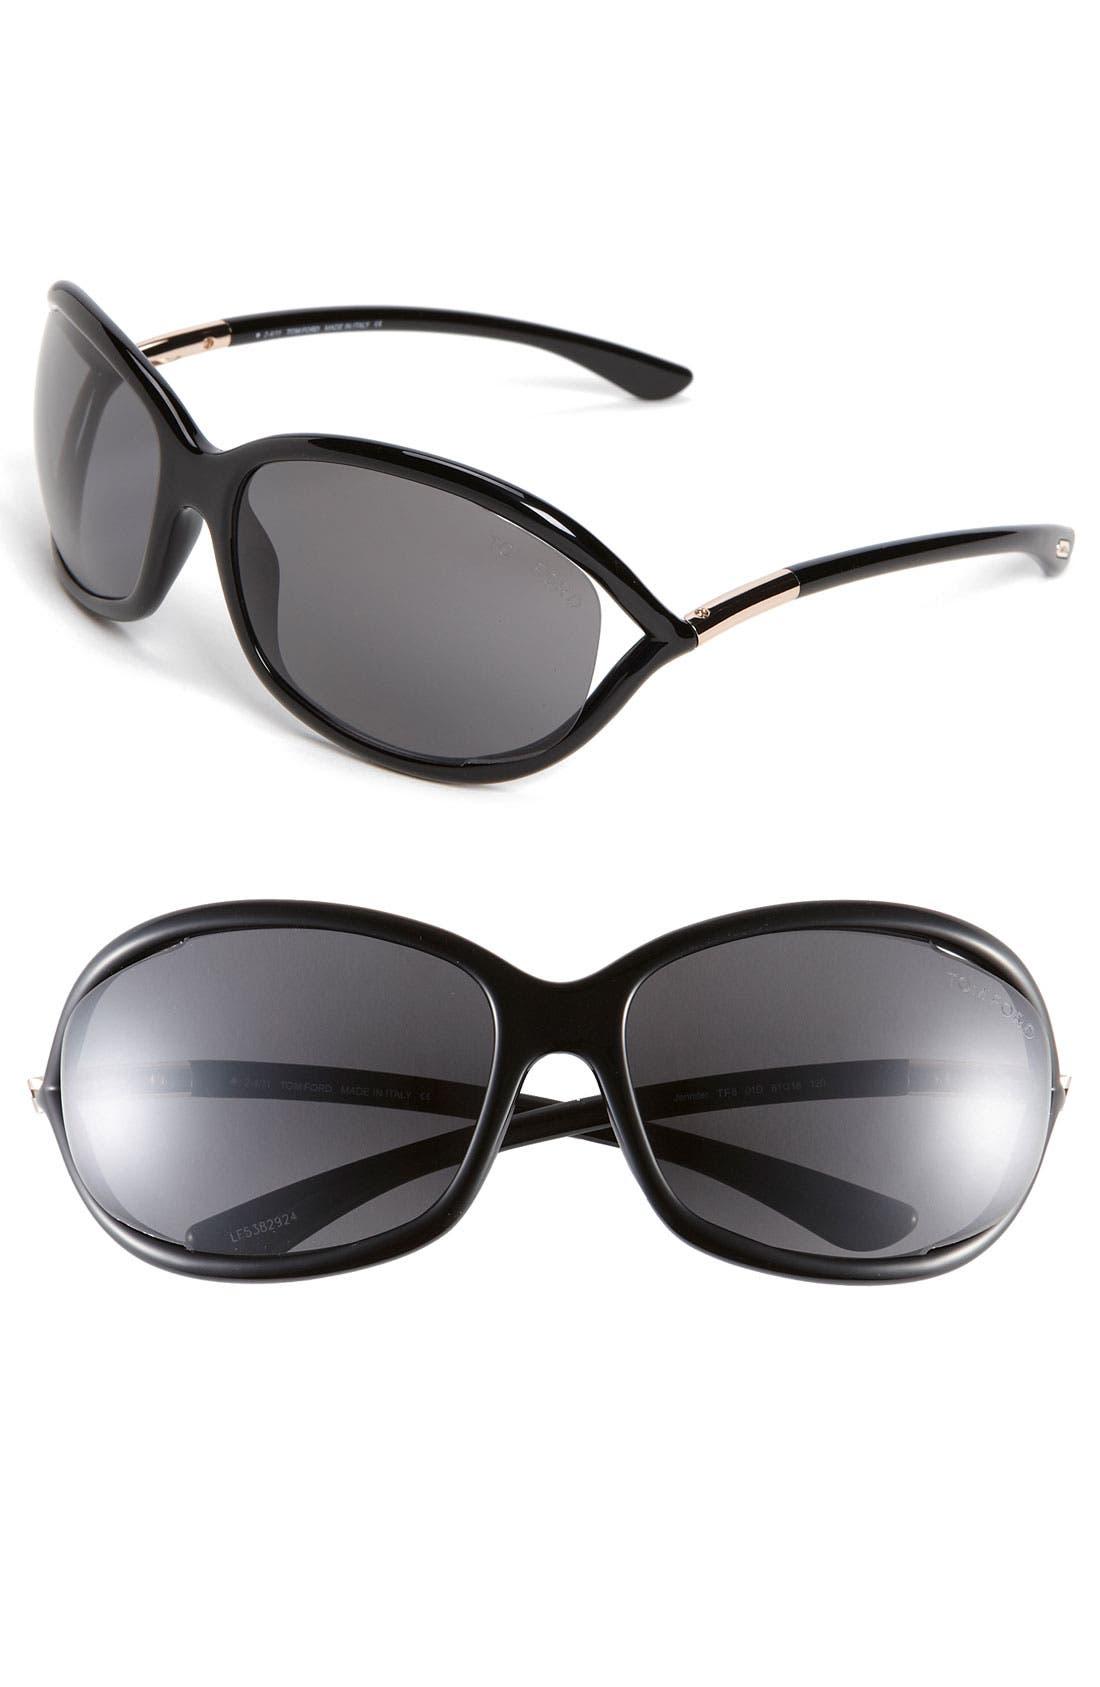 Jennifer 61mm Polarized Open Temple Sunglasses,                             Main thumbnail 1, color,                             SHINY BLACK/ GREY POLARIZED